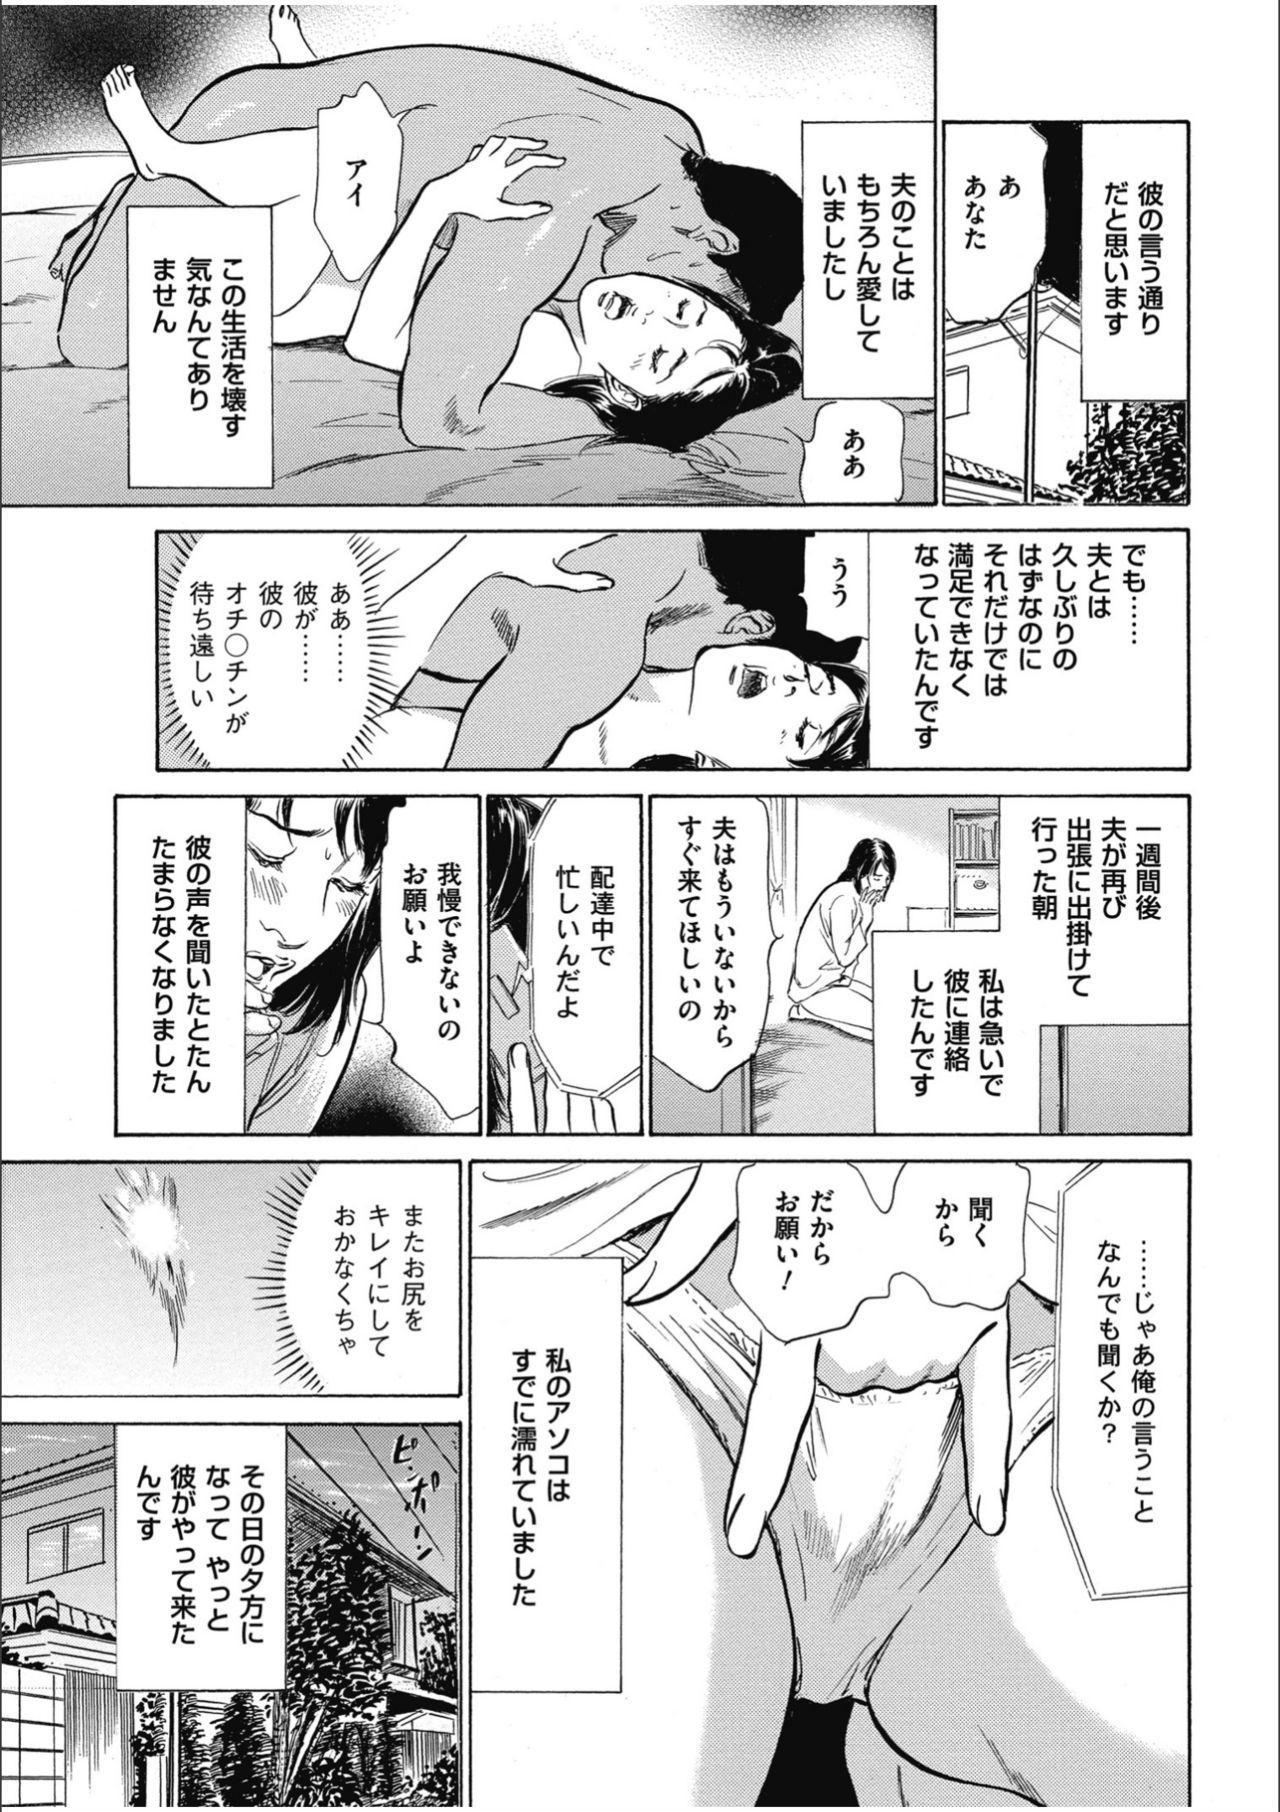 八月薫傑作マジセレ Hな体験教えます 女性投稿12連発 28